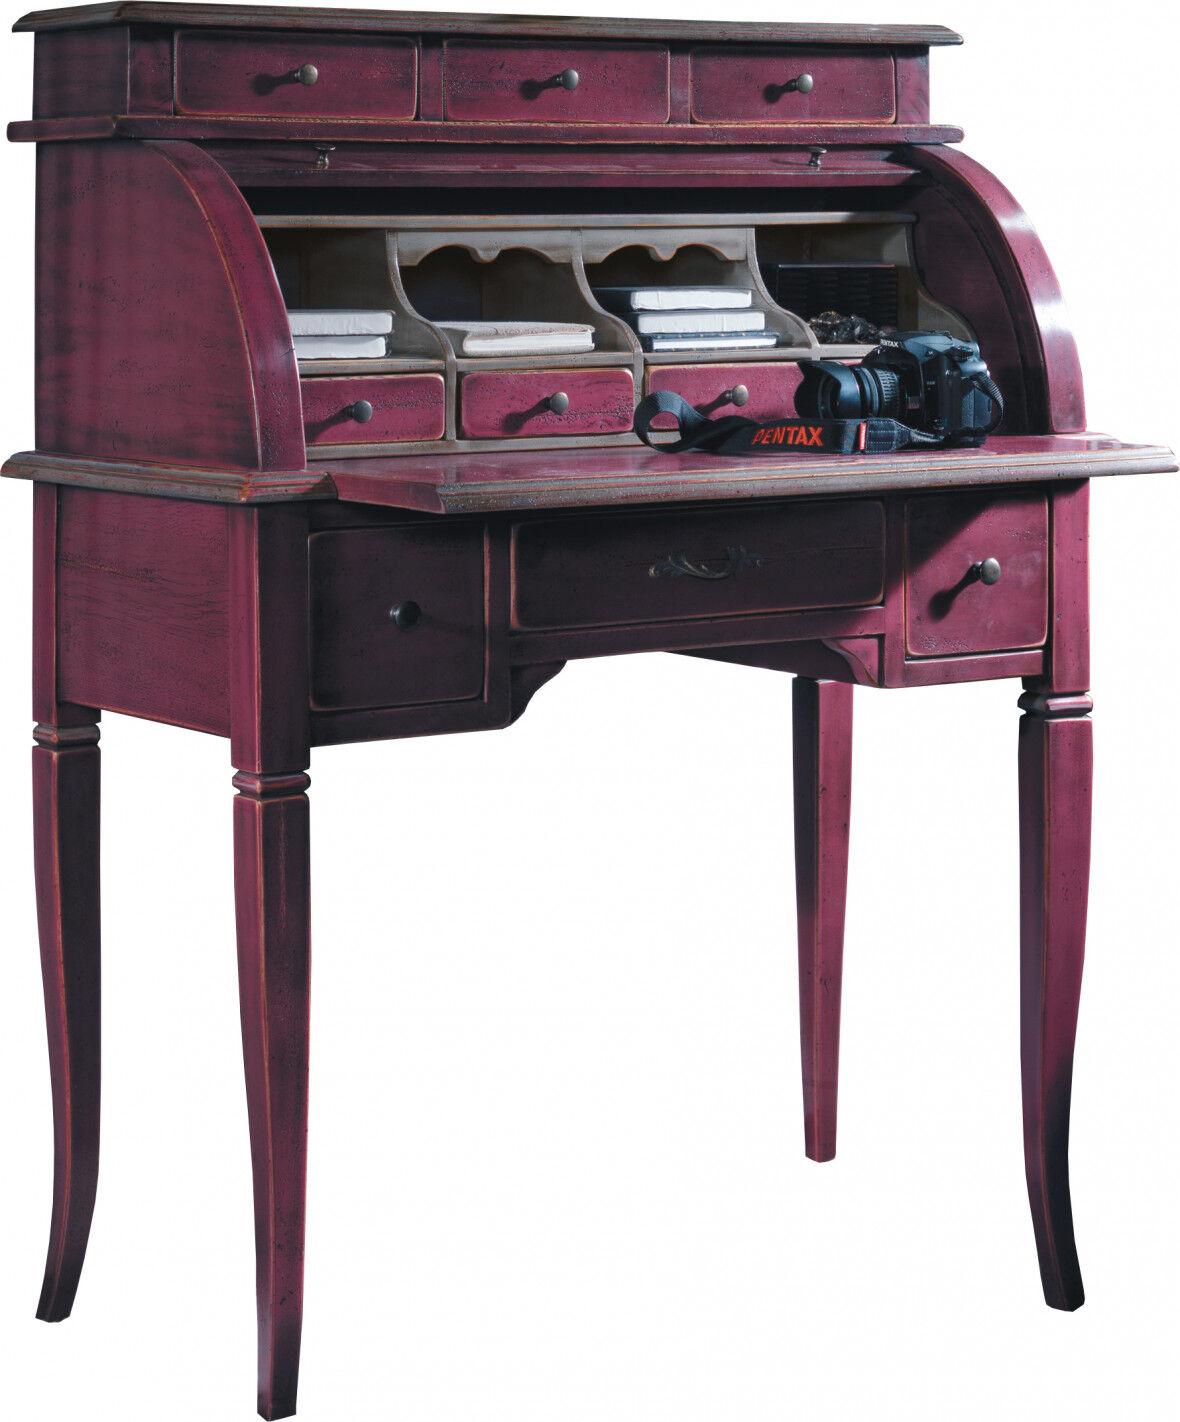 Secrétaire rideau coulissant prune 10 tiroirs